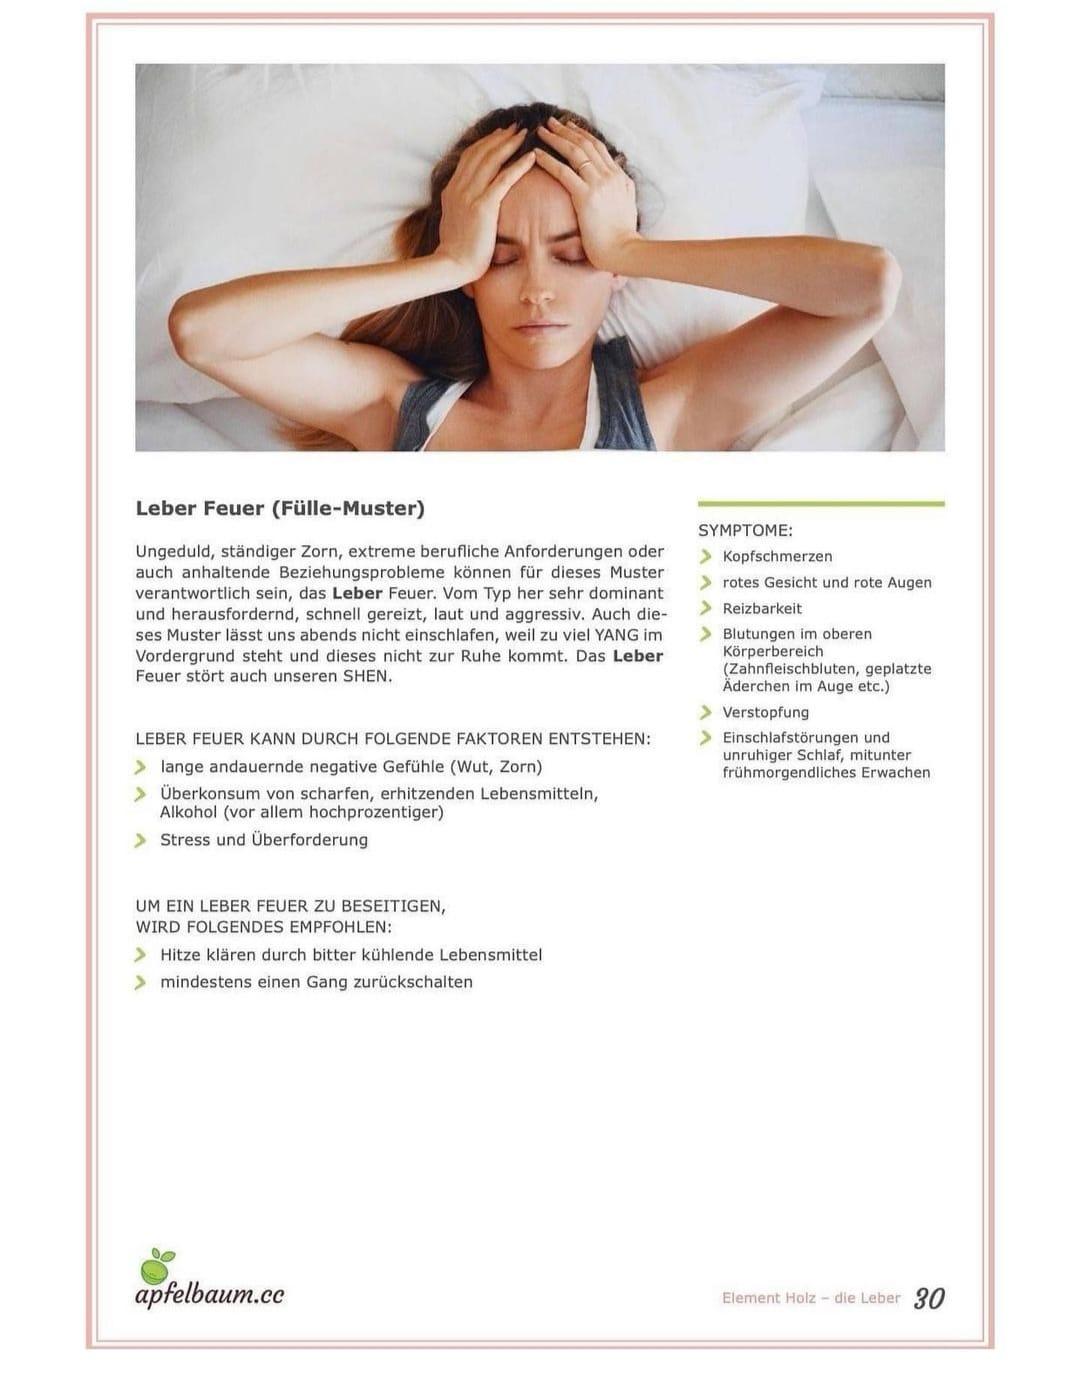 TCM Einschlafstörungen Schlafstörung Coaching Apfelbaum Booklet